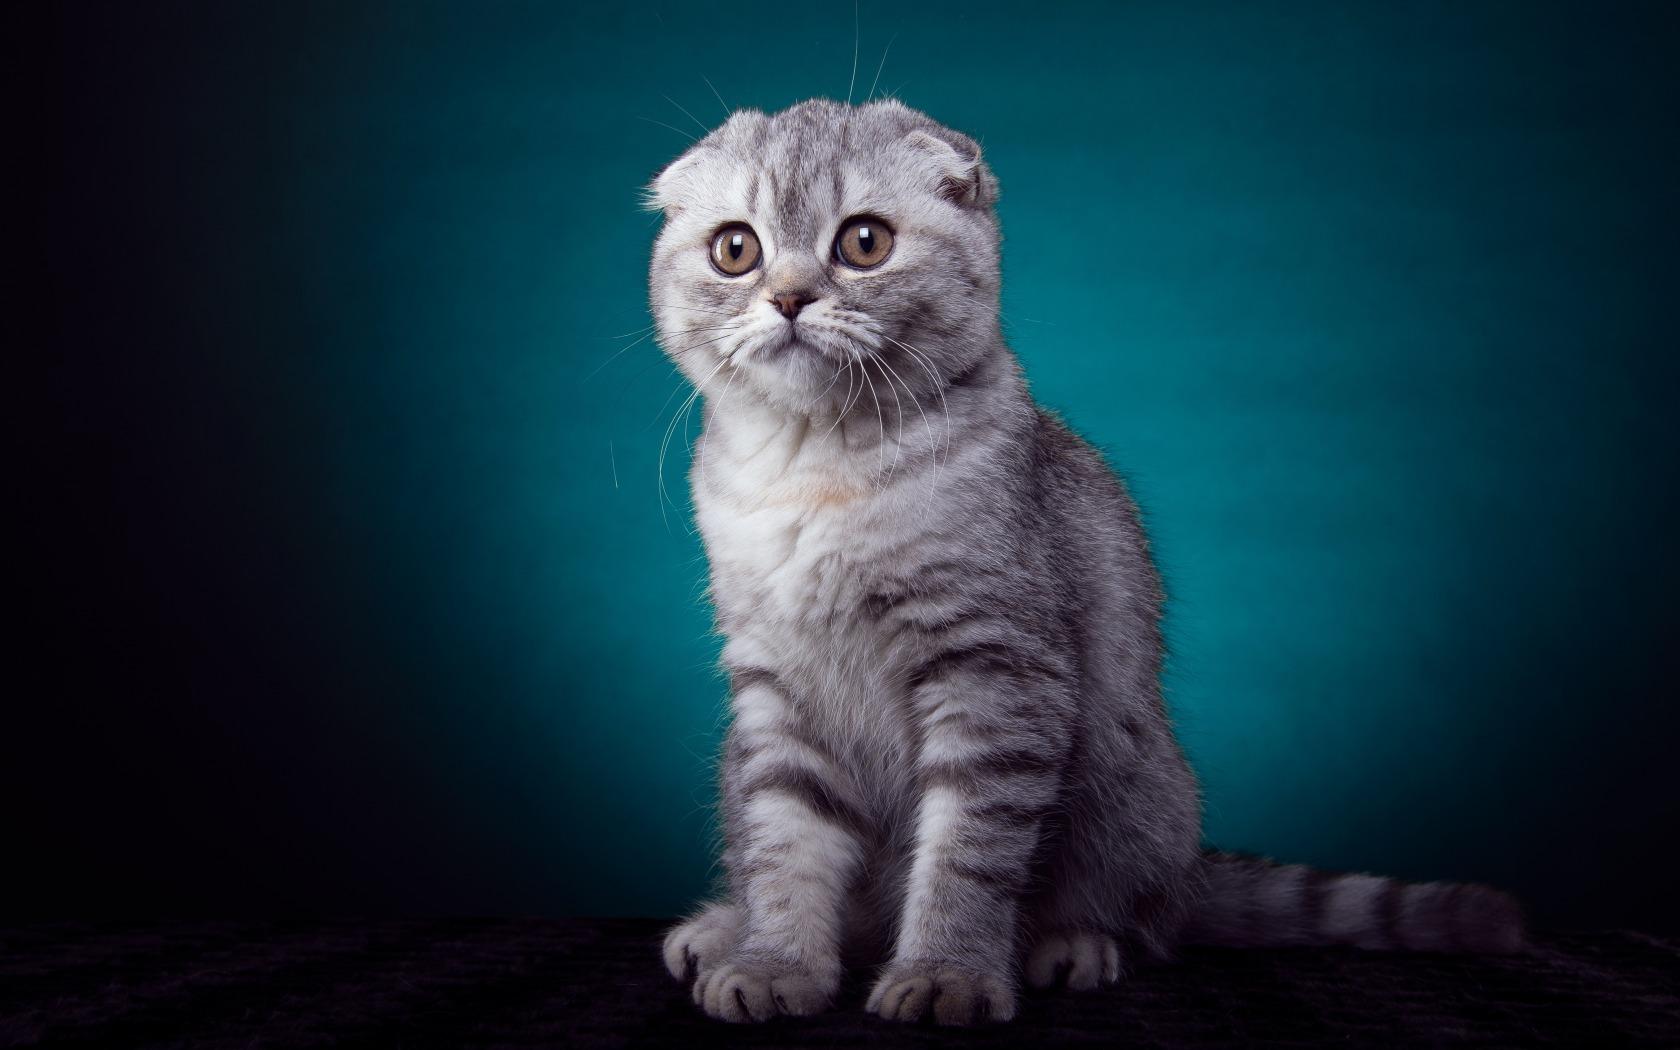 壁纸 动物 猫 猫咪 鸟类 小猫 桌面 1680_1050